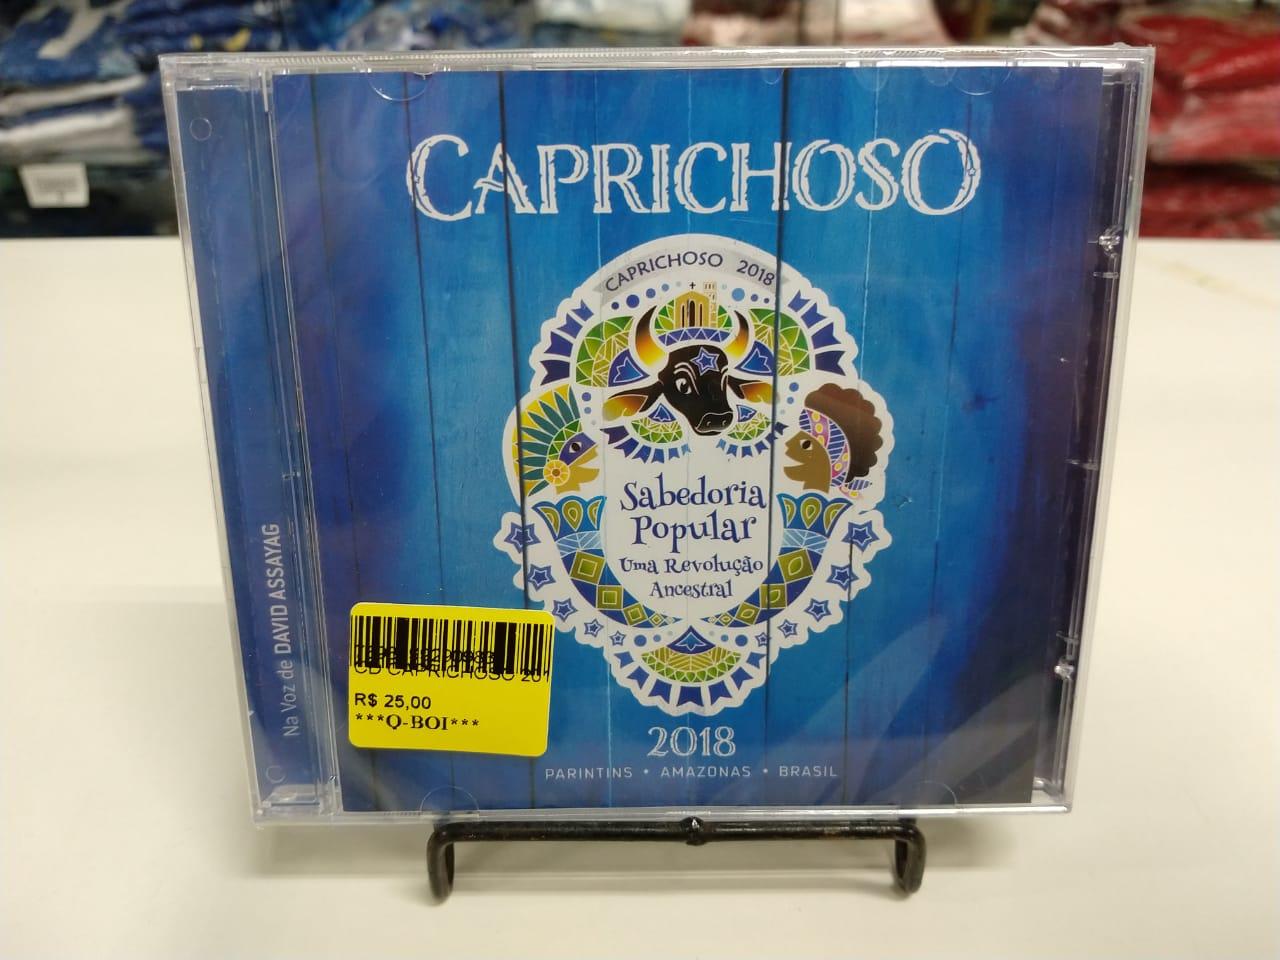 CD CAPRICHOSO 2018 - Q BOI Produtos do Festival de Parintins